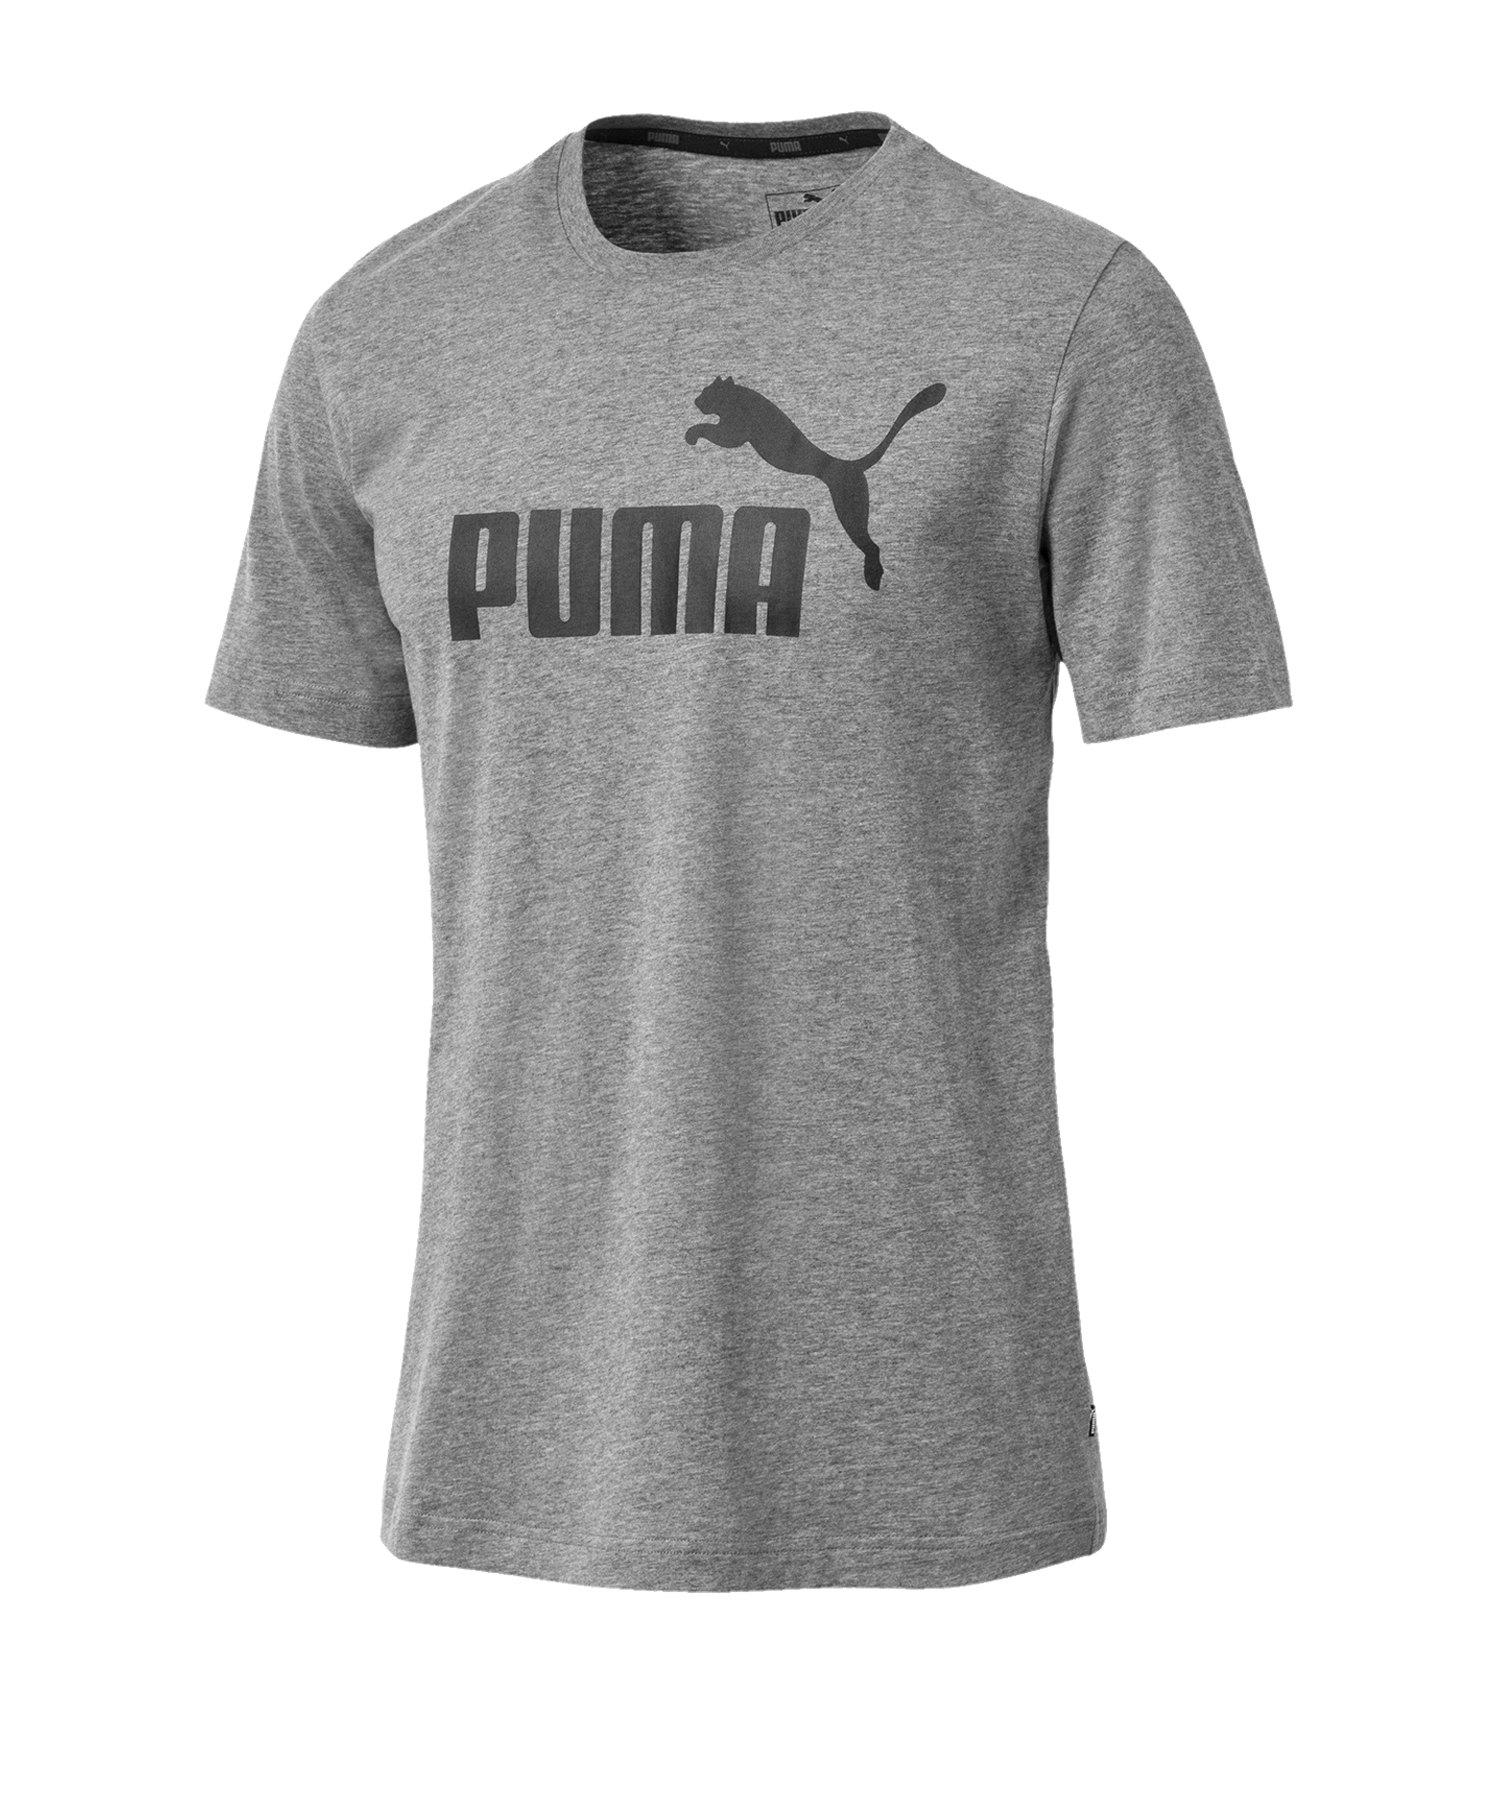 PUMA Essential Logo Tee T-Shirt Grau F03 - grau